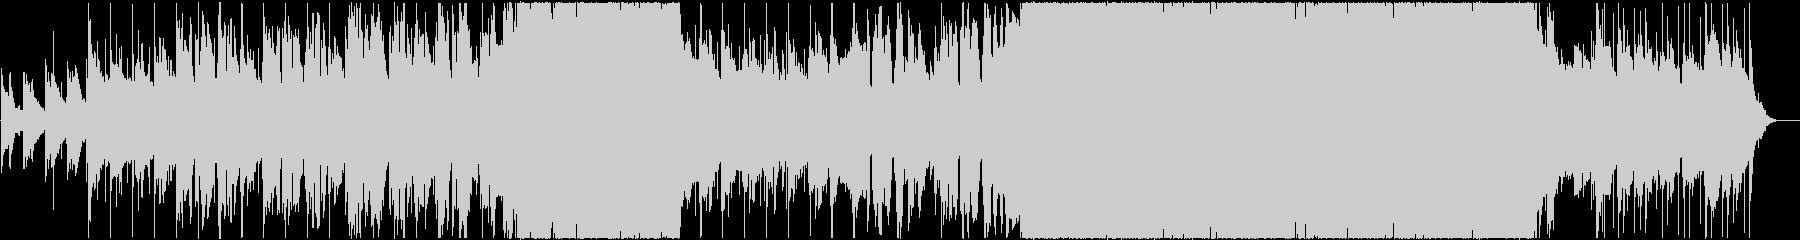 ストーリーライターの未再生の波形